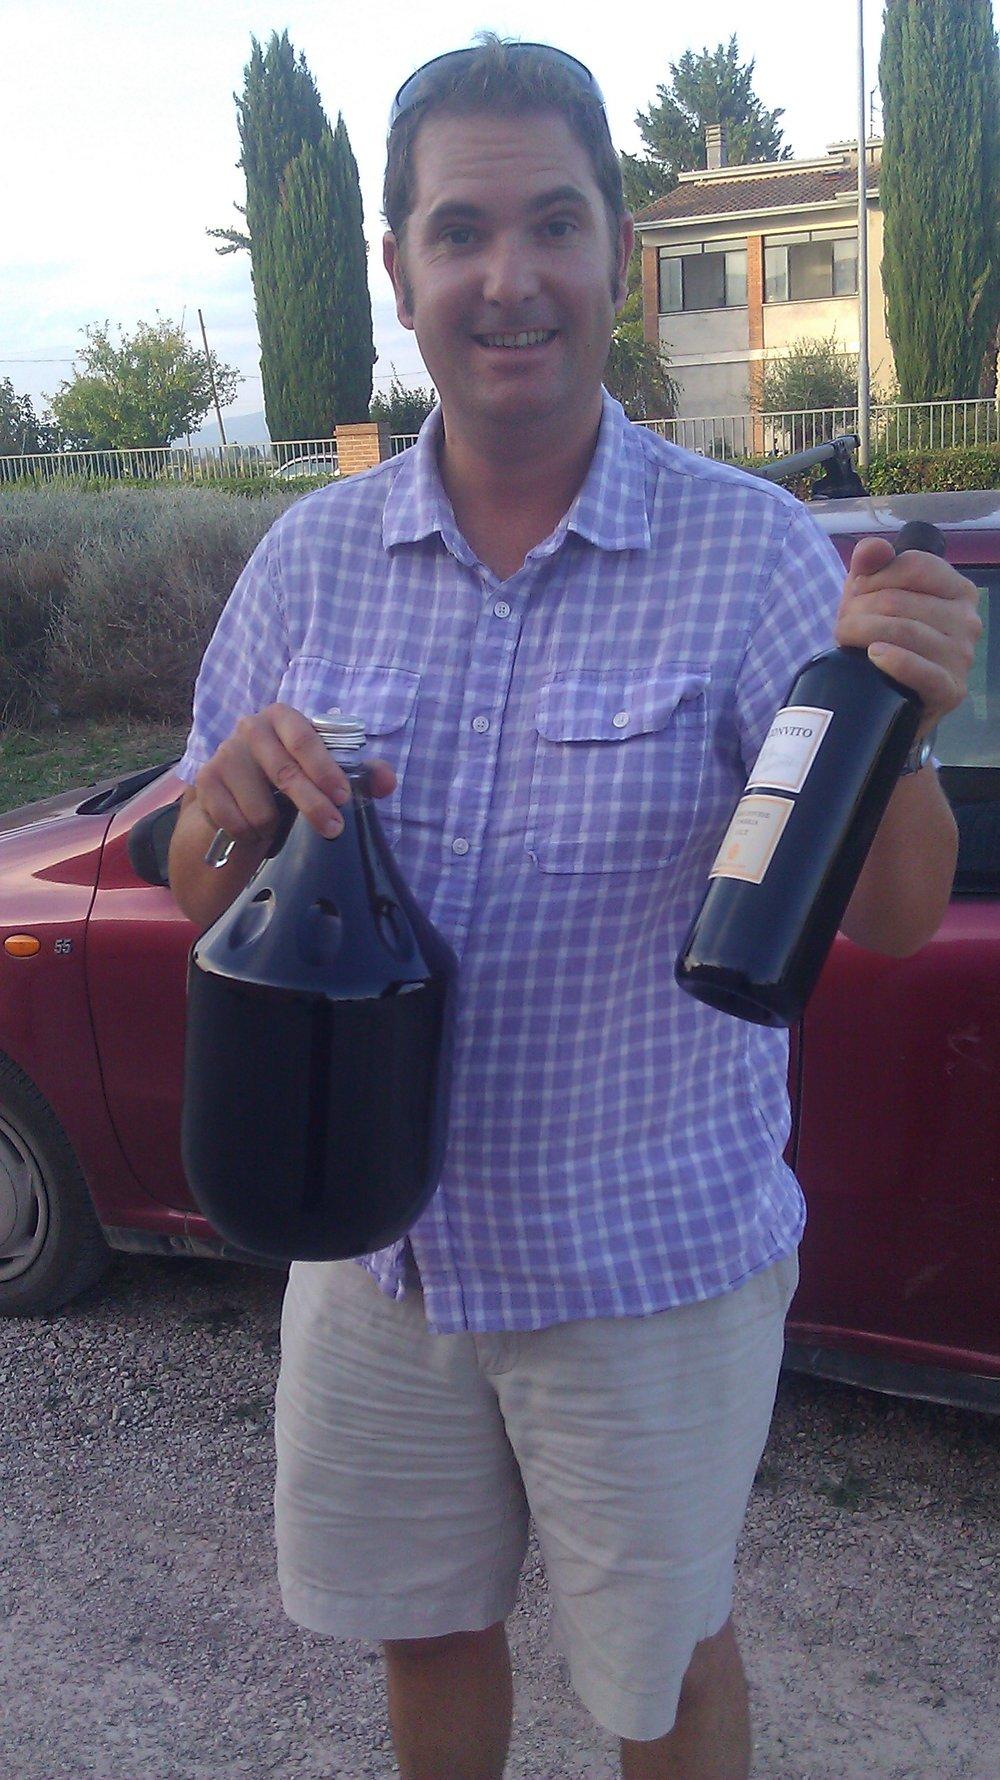 Cheap-good-wine.jpg